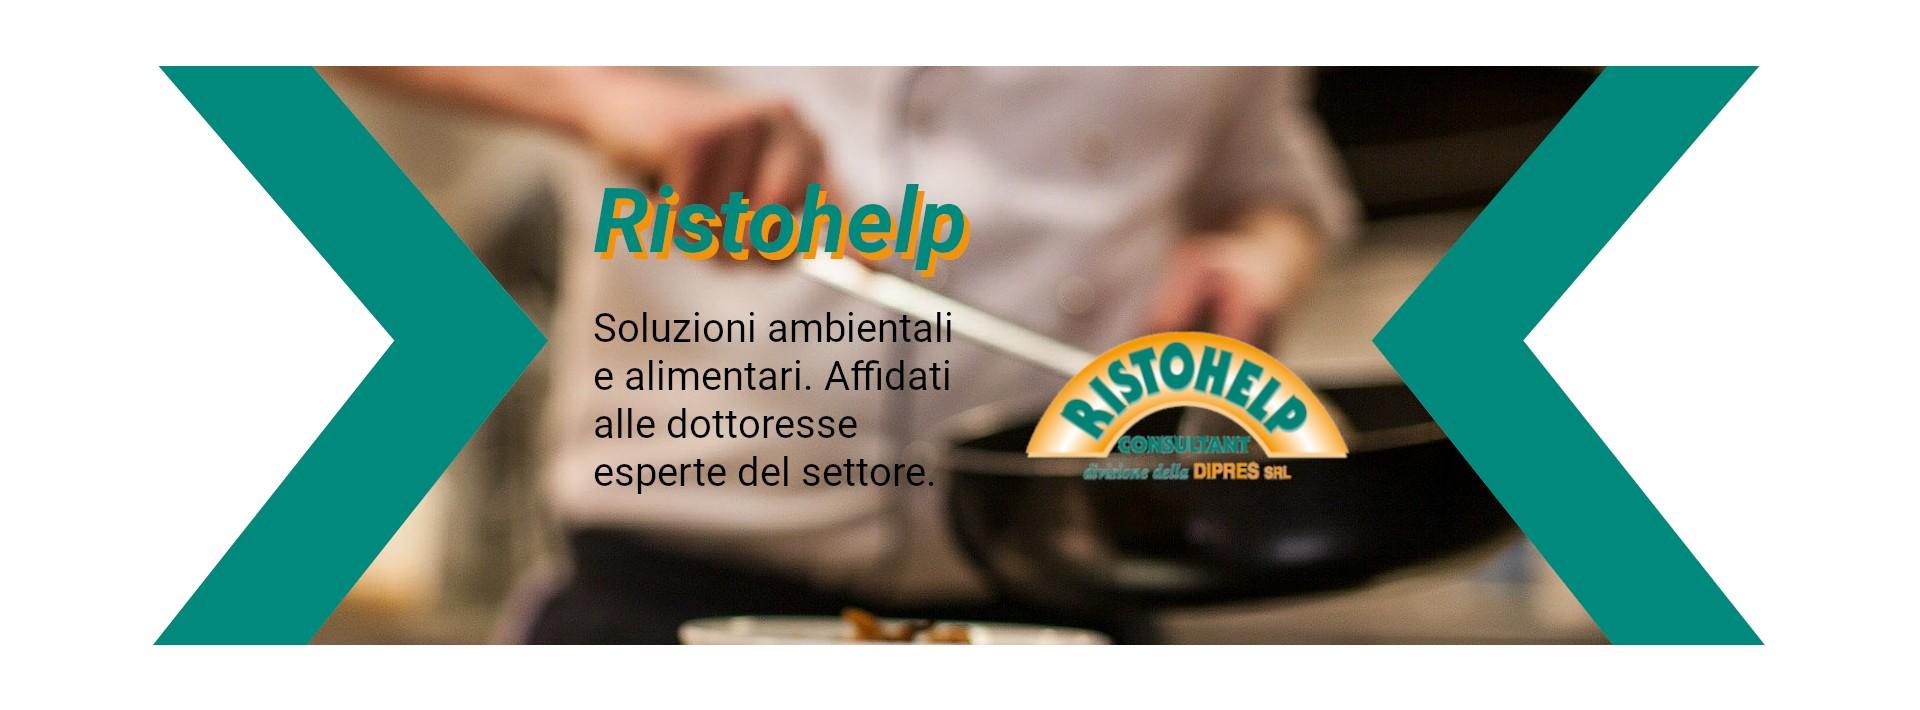 Ristohelp Consultant consulenza alimentare